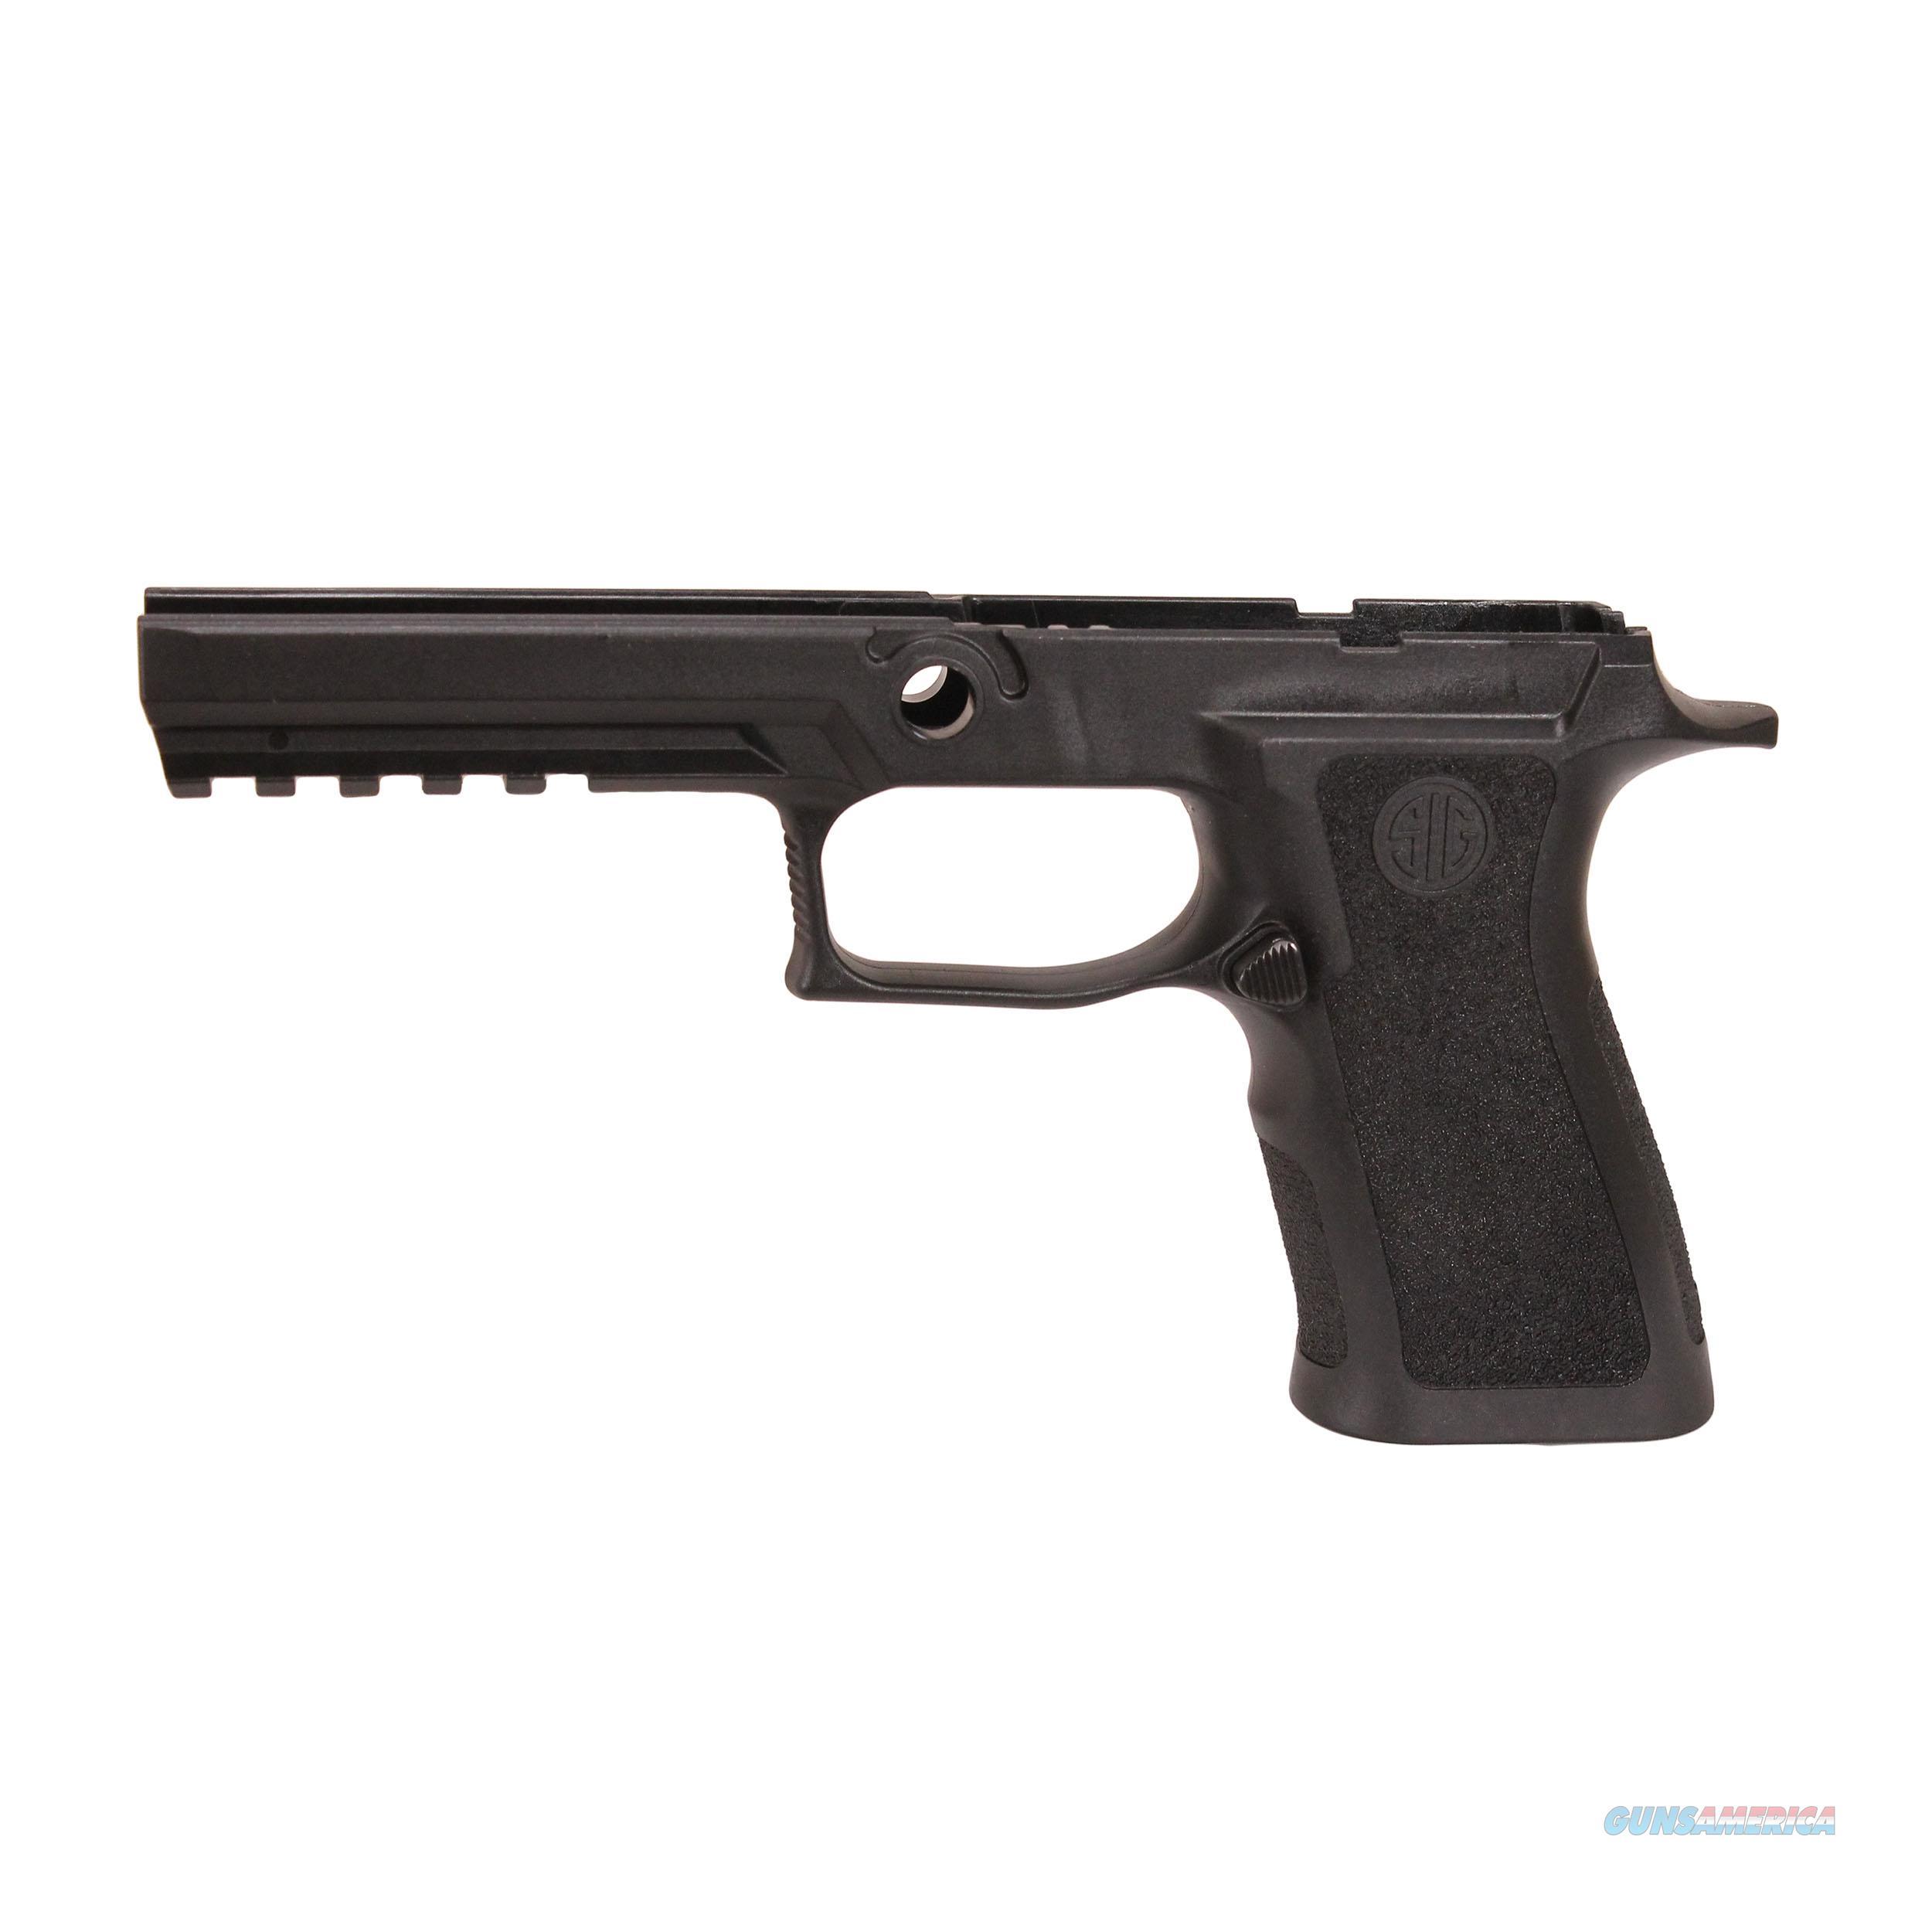 Grip Asy 320X5 9/40/357 Fs Med GRIP-X5-F-943-M-BLK  Non-Guns > Gunstocks, Grips & Wood